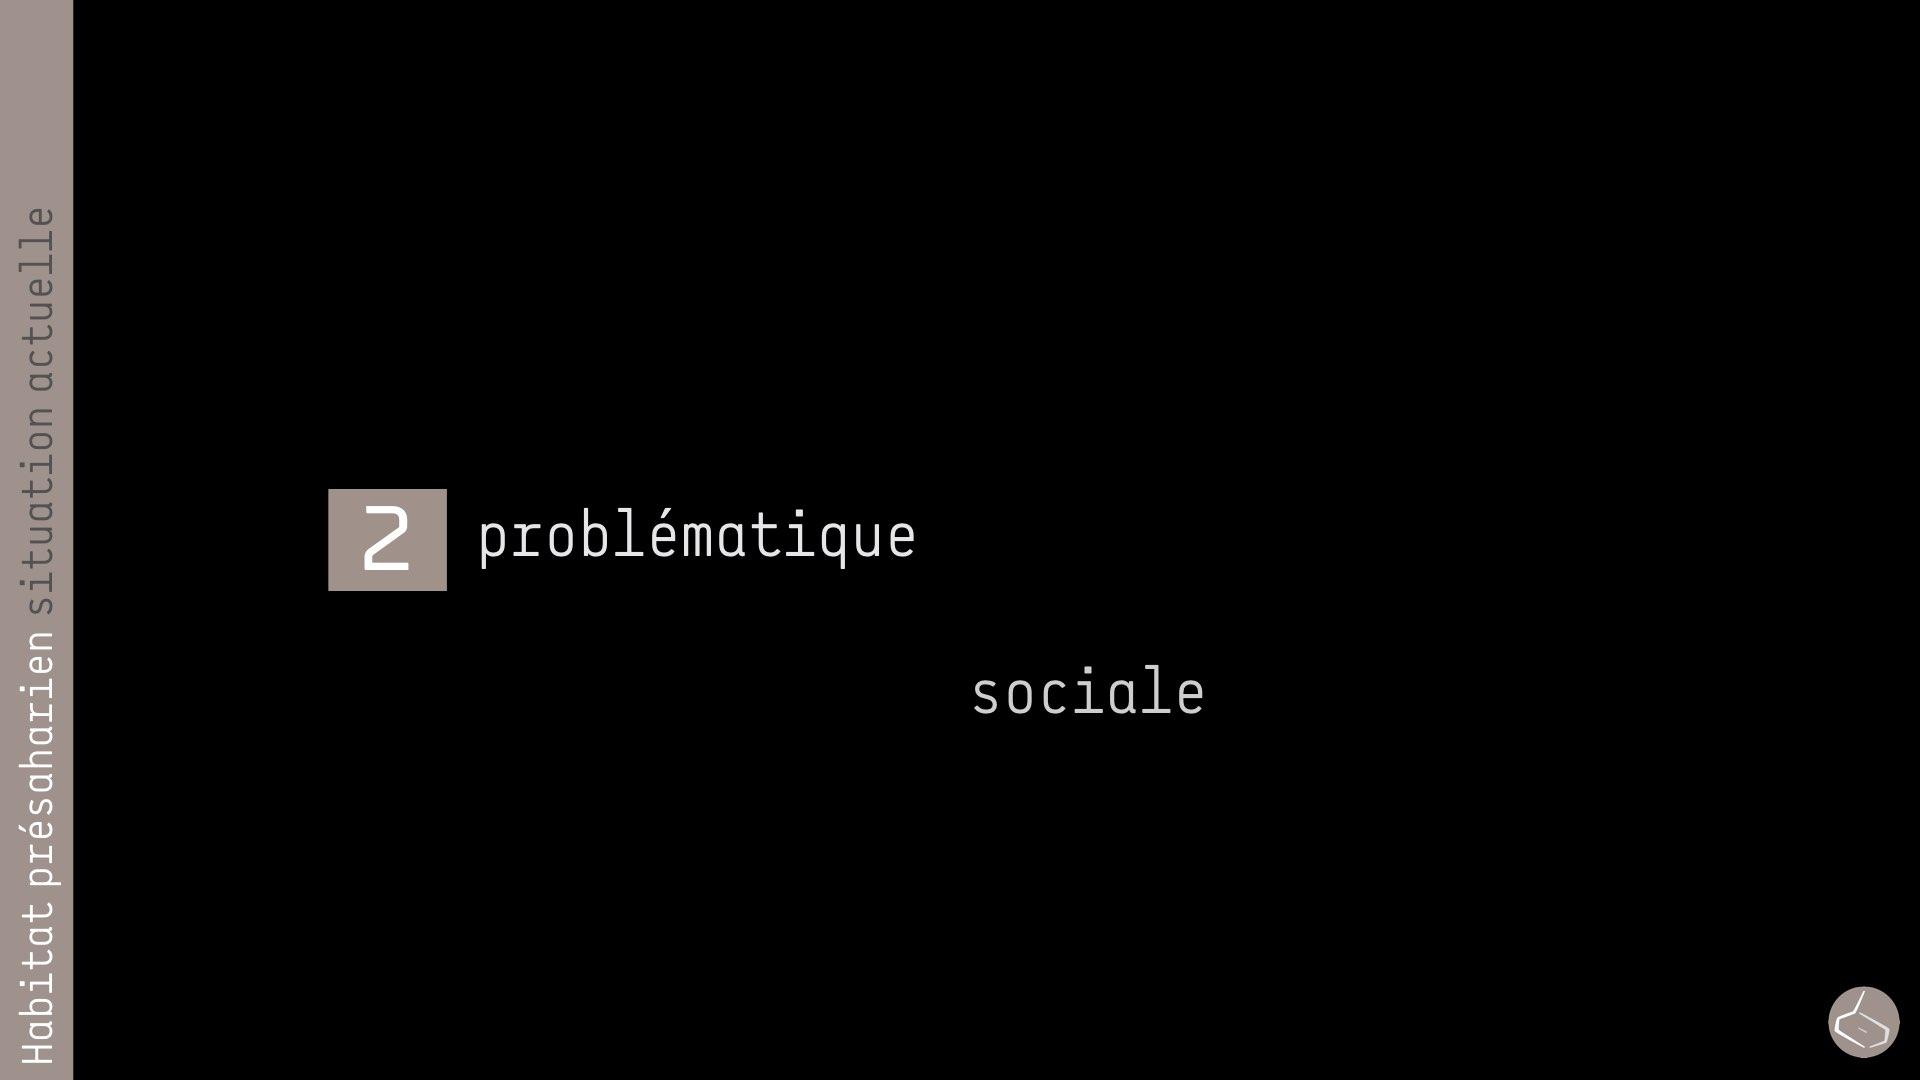 49. Une problématique moins tangible est celle de la sociologie.       49. A less tangible issue is that of sociology.